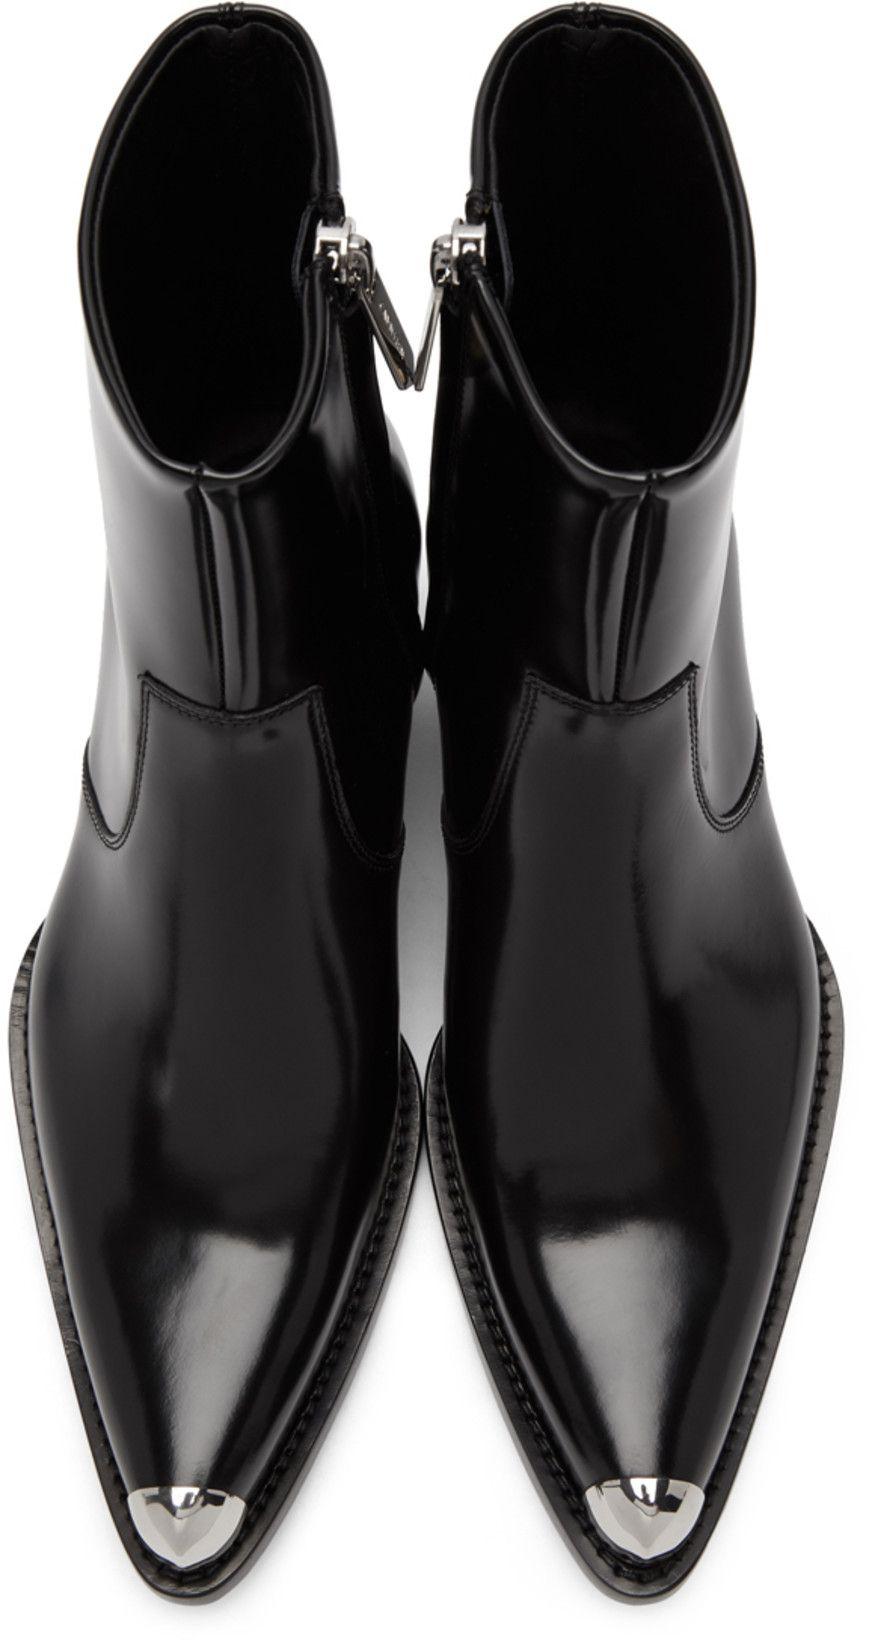 Calvin Klein 205w39nyc Black Tex C Bis Boots Zapatos Hombre Zapatos Elegantes Hombre Botas De Vestir Hombre